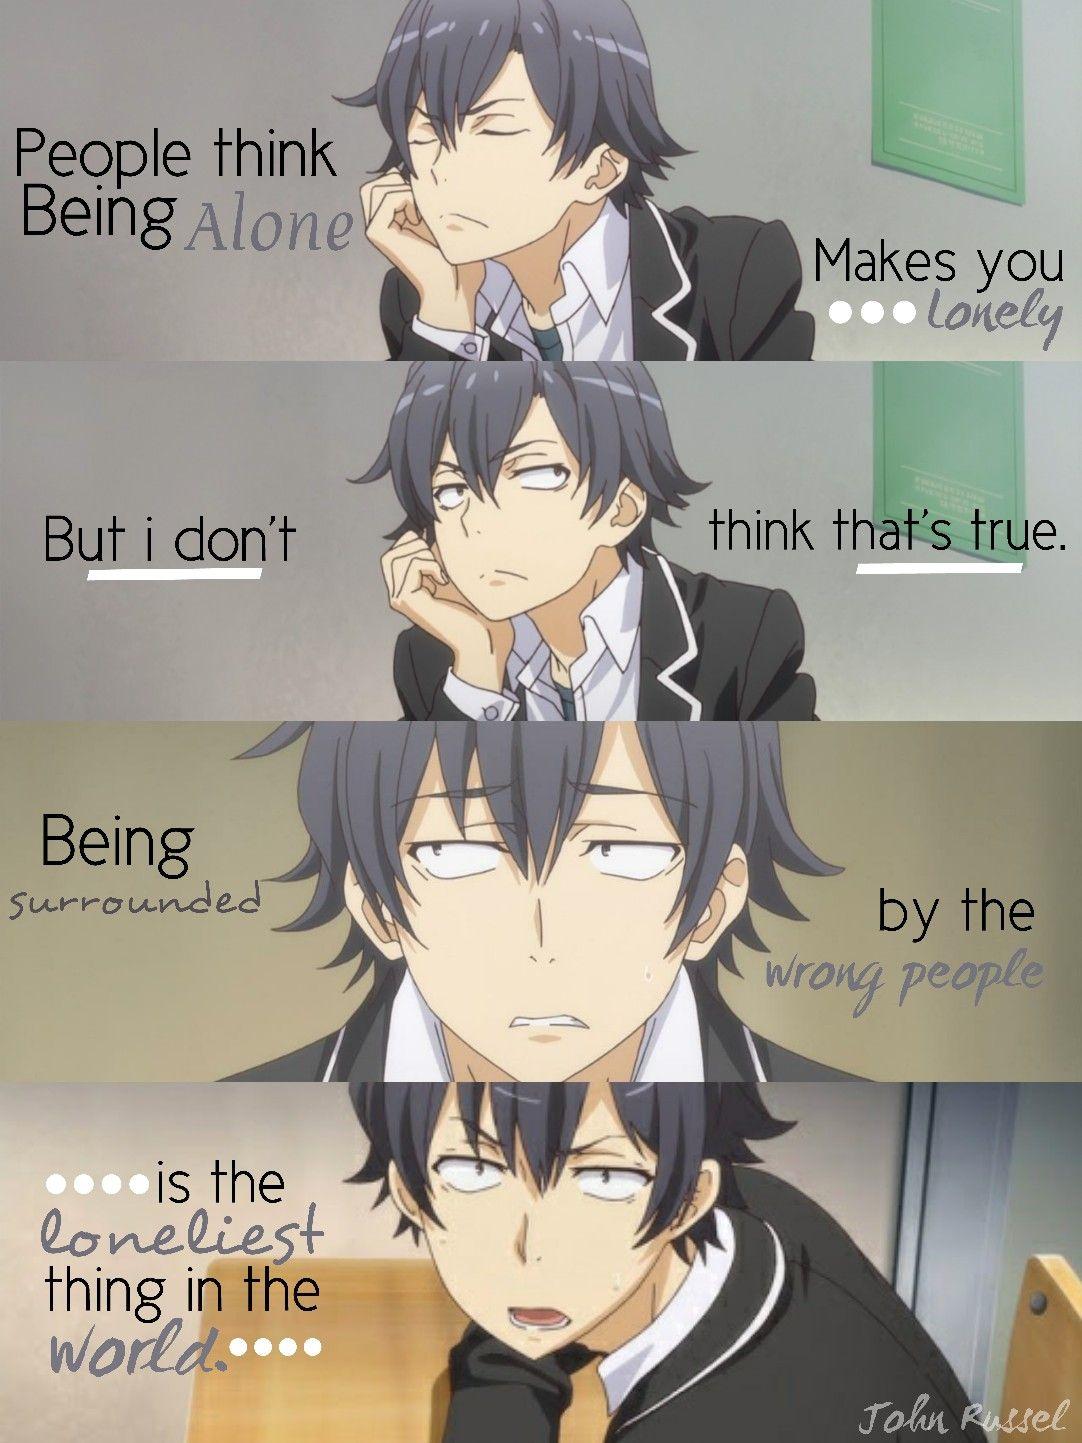 Oregairu Anime Quotes Anime Quotes Inspirational Manga Quotes